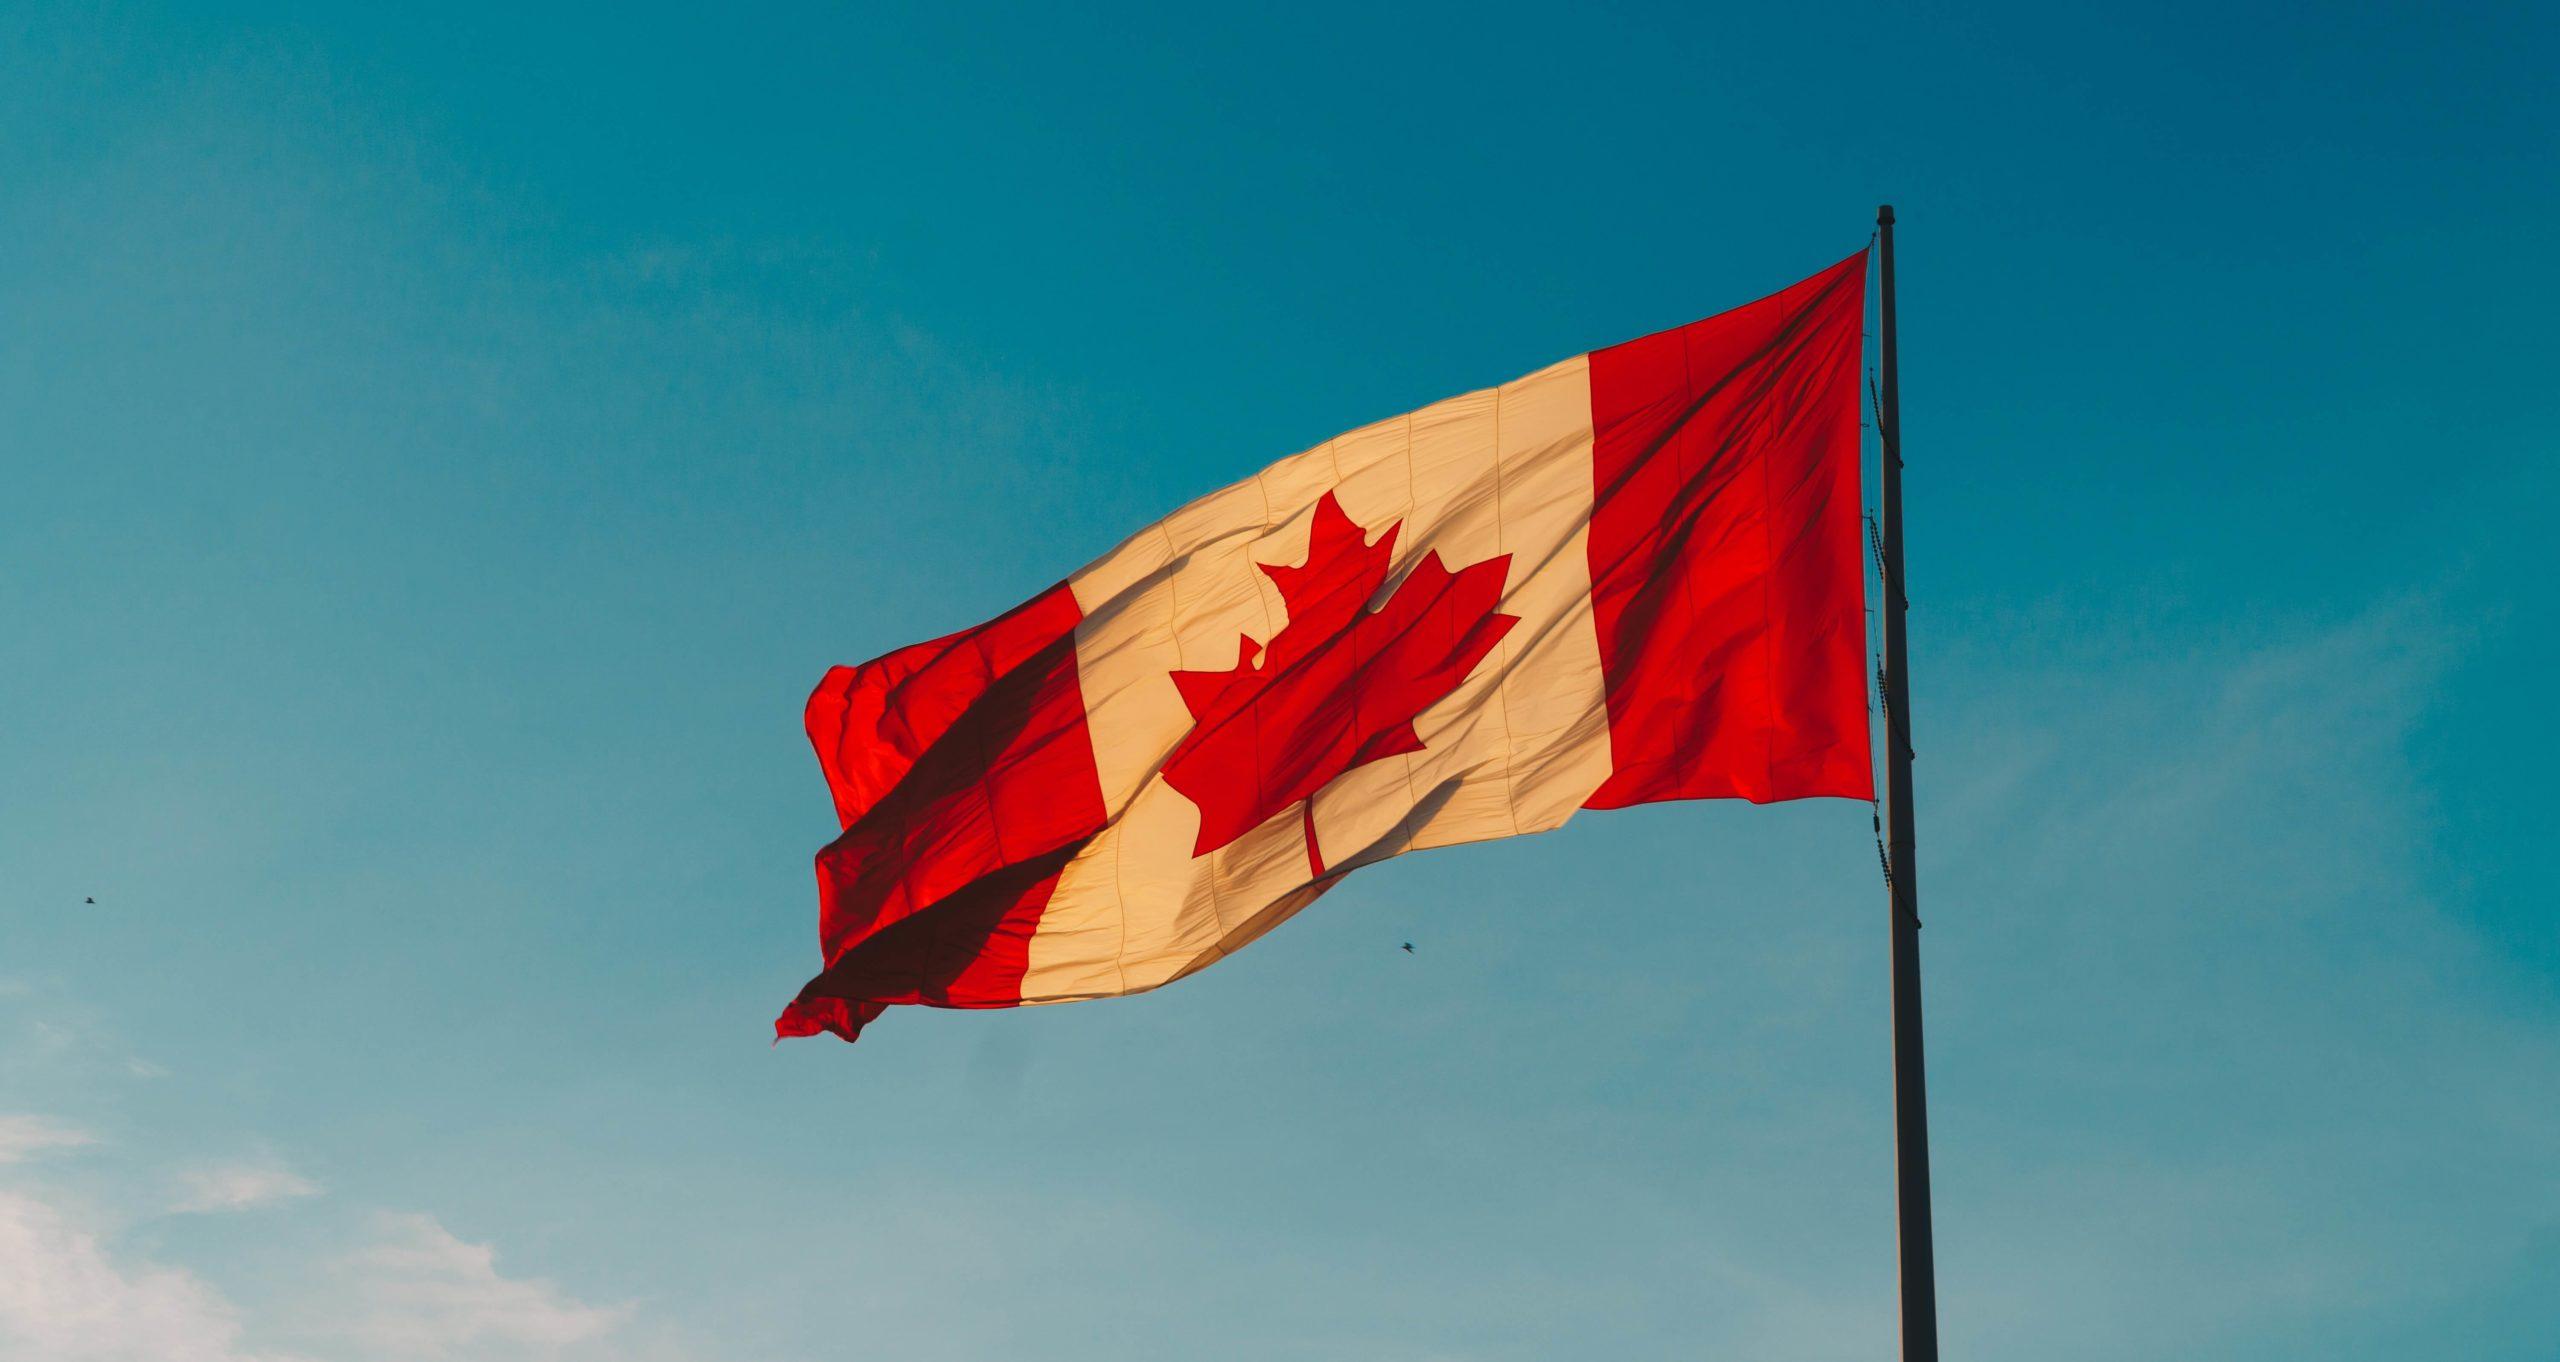 Canadian flag against the blue sky